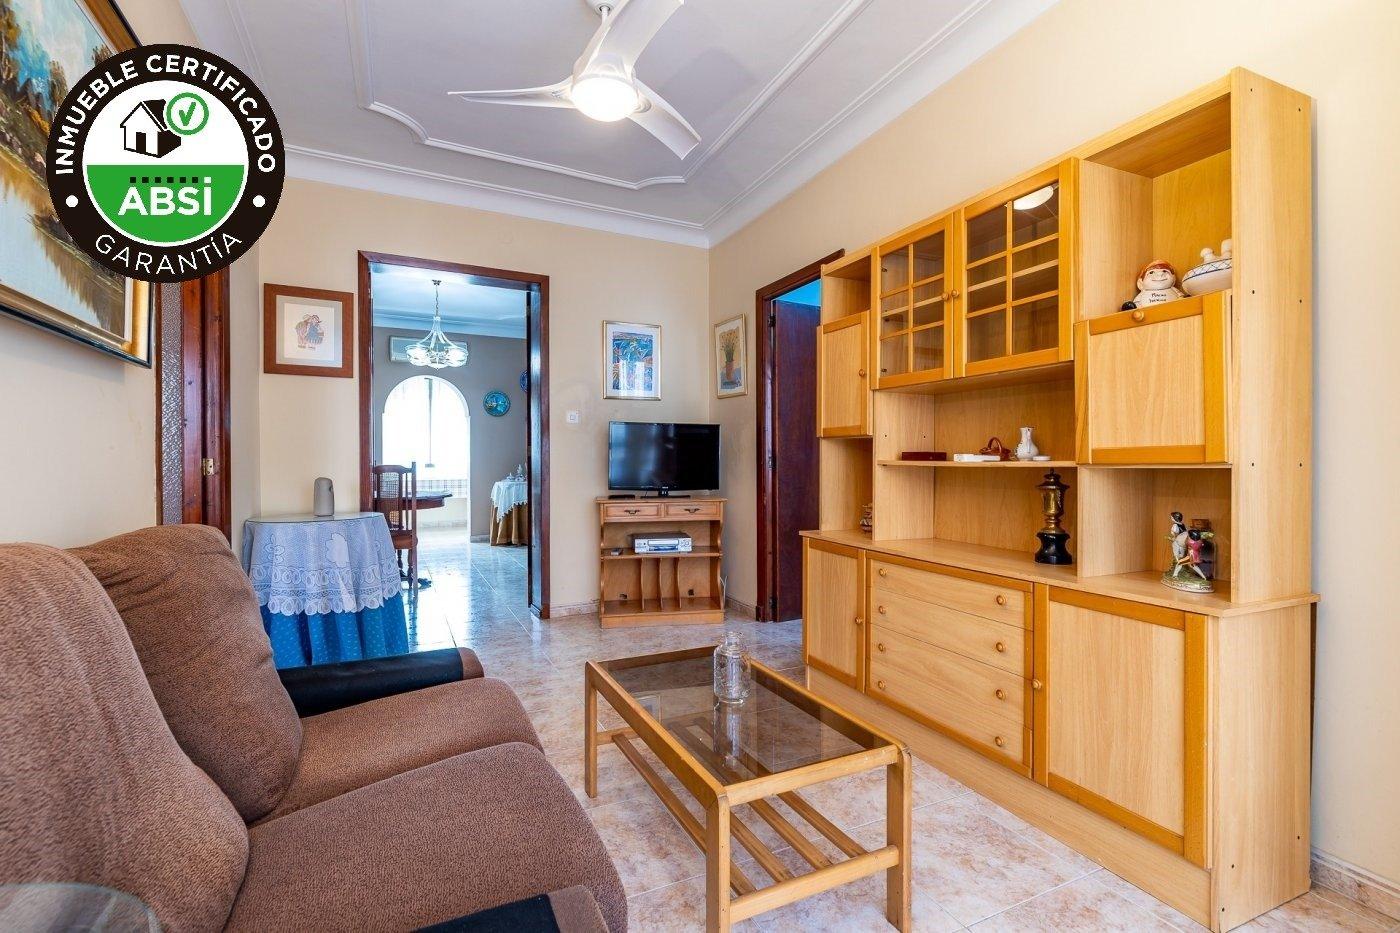 Primer piso de 107 m² de superficie en buen estado en la zona de camp redó, palma de mallo - imagenInmueble0